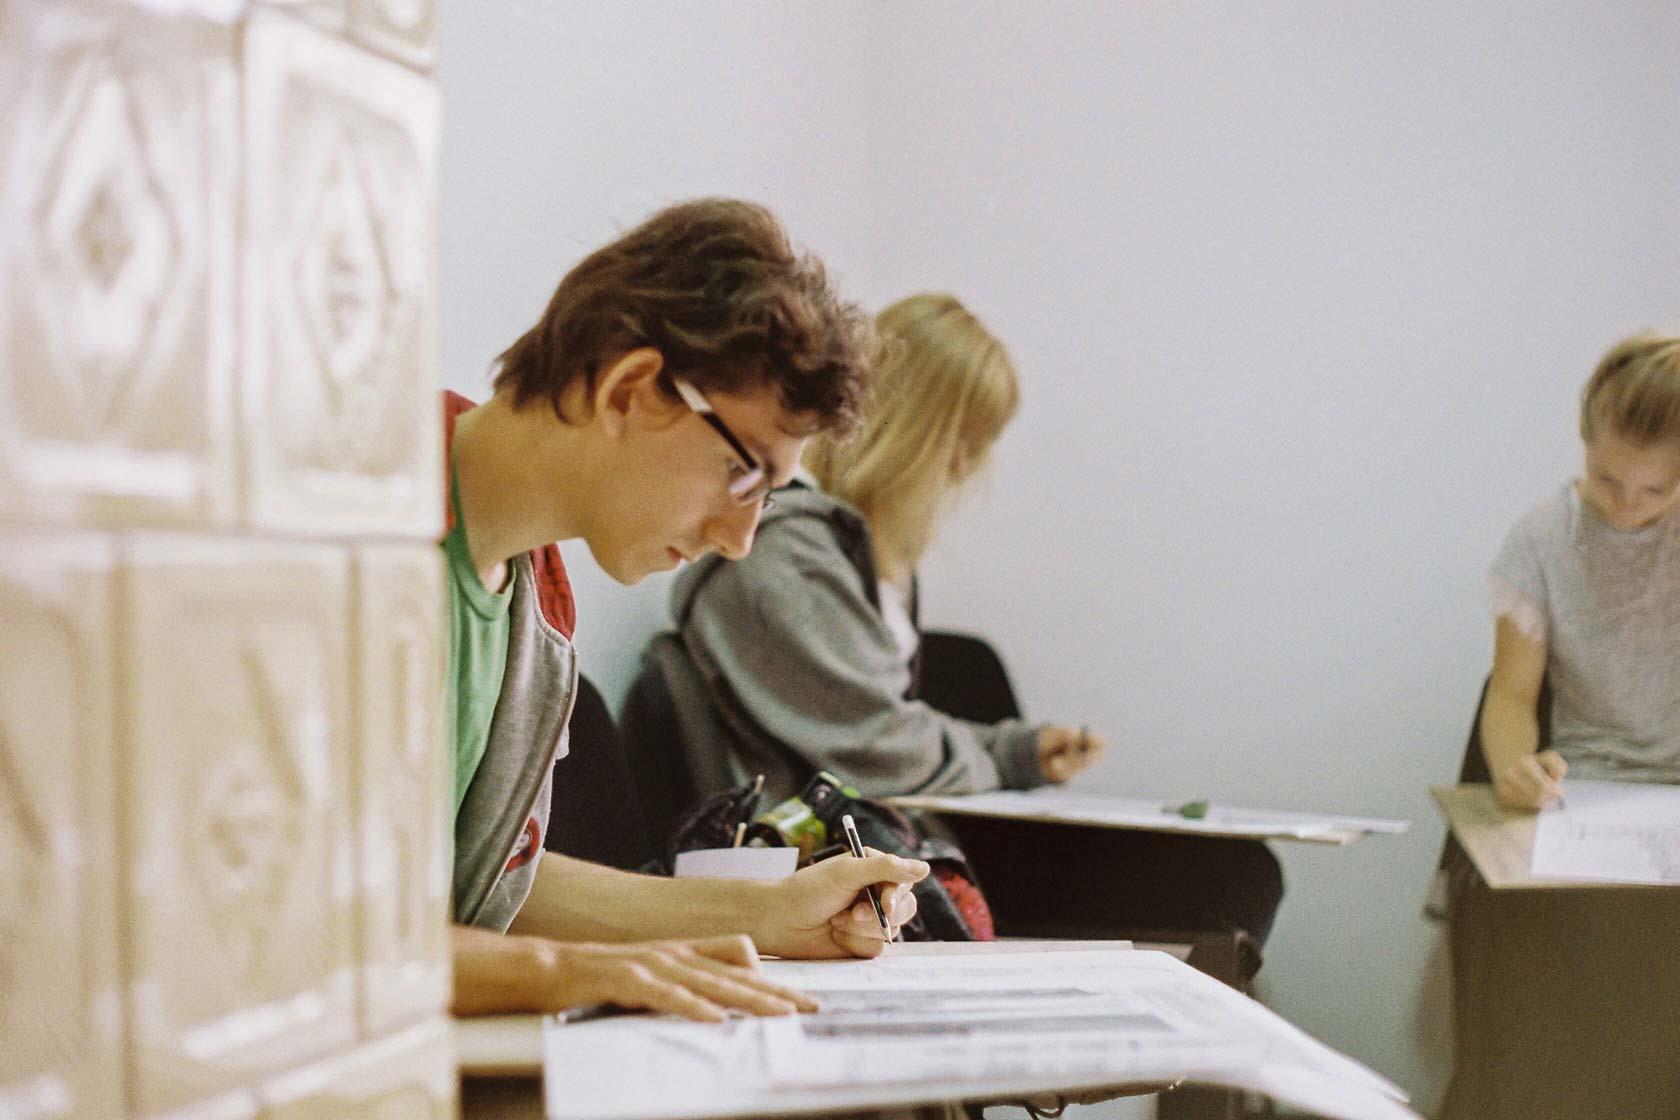 pracownia rysunku, szkoła rysunku, nauka rysunku, malarstwo, rysunek sztalugowy, domin, poznań, egzamin z rysunku